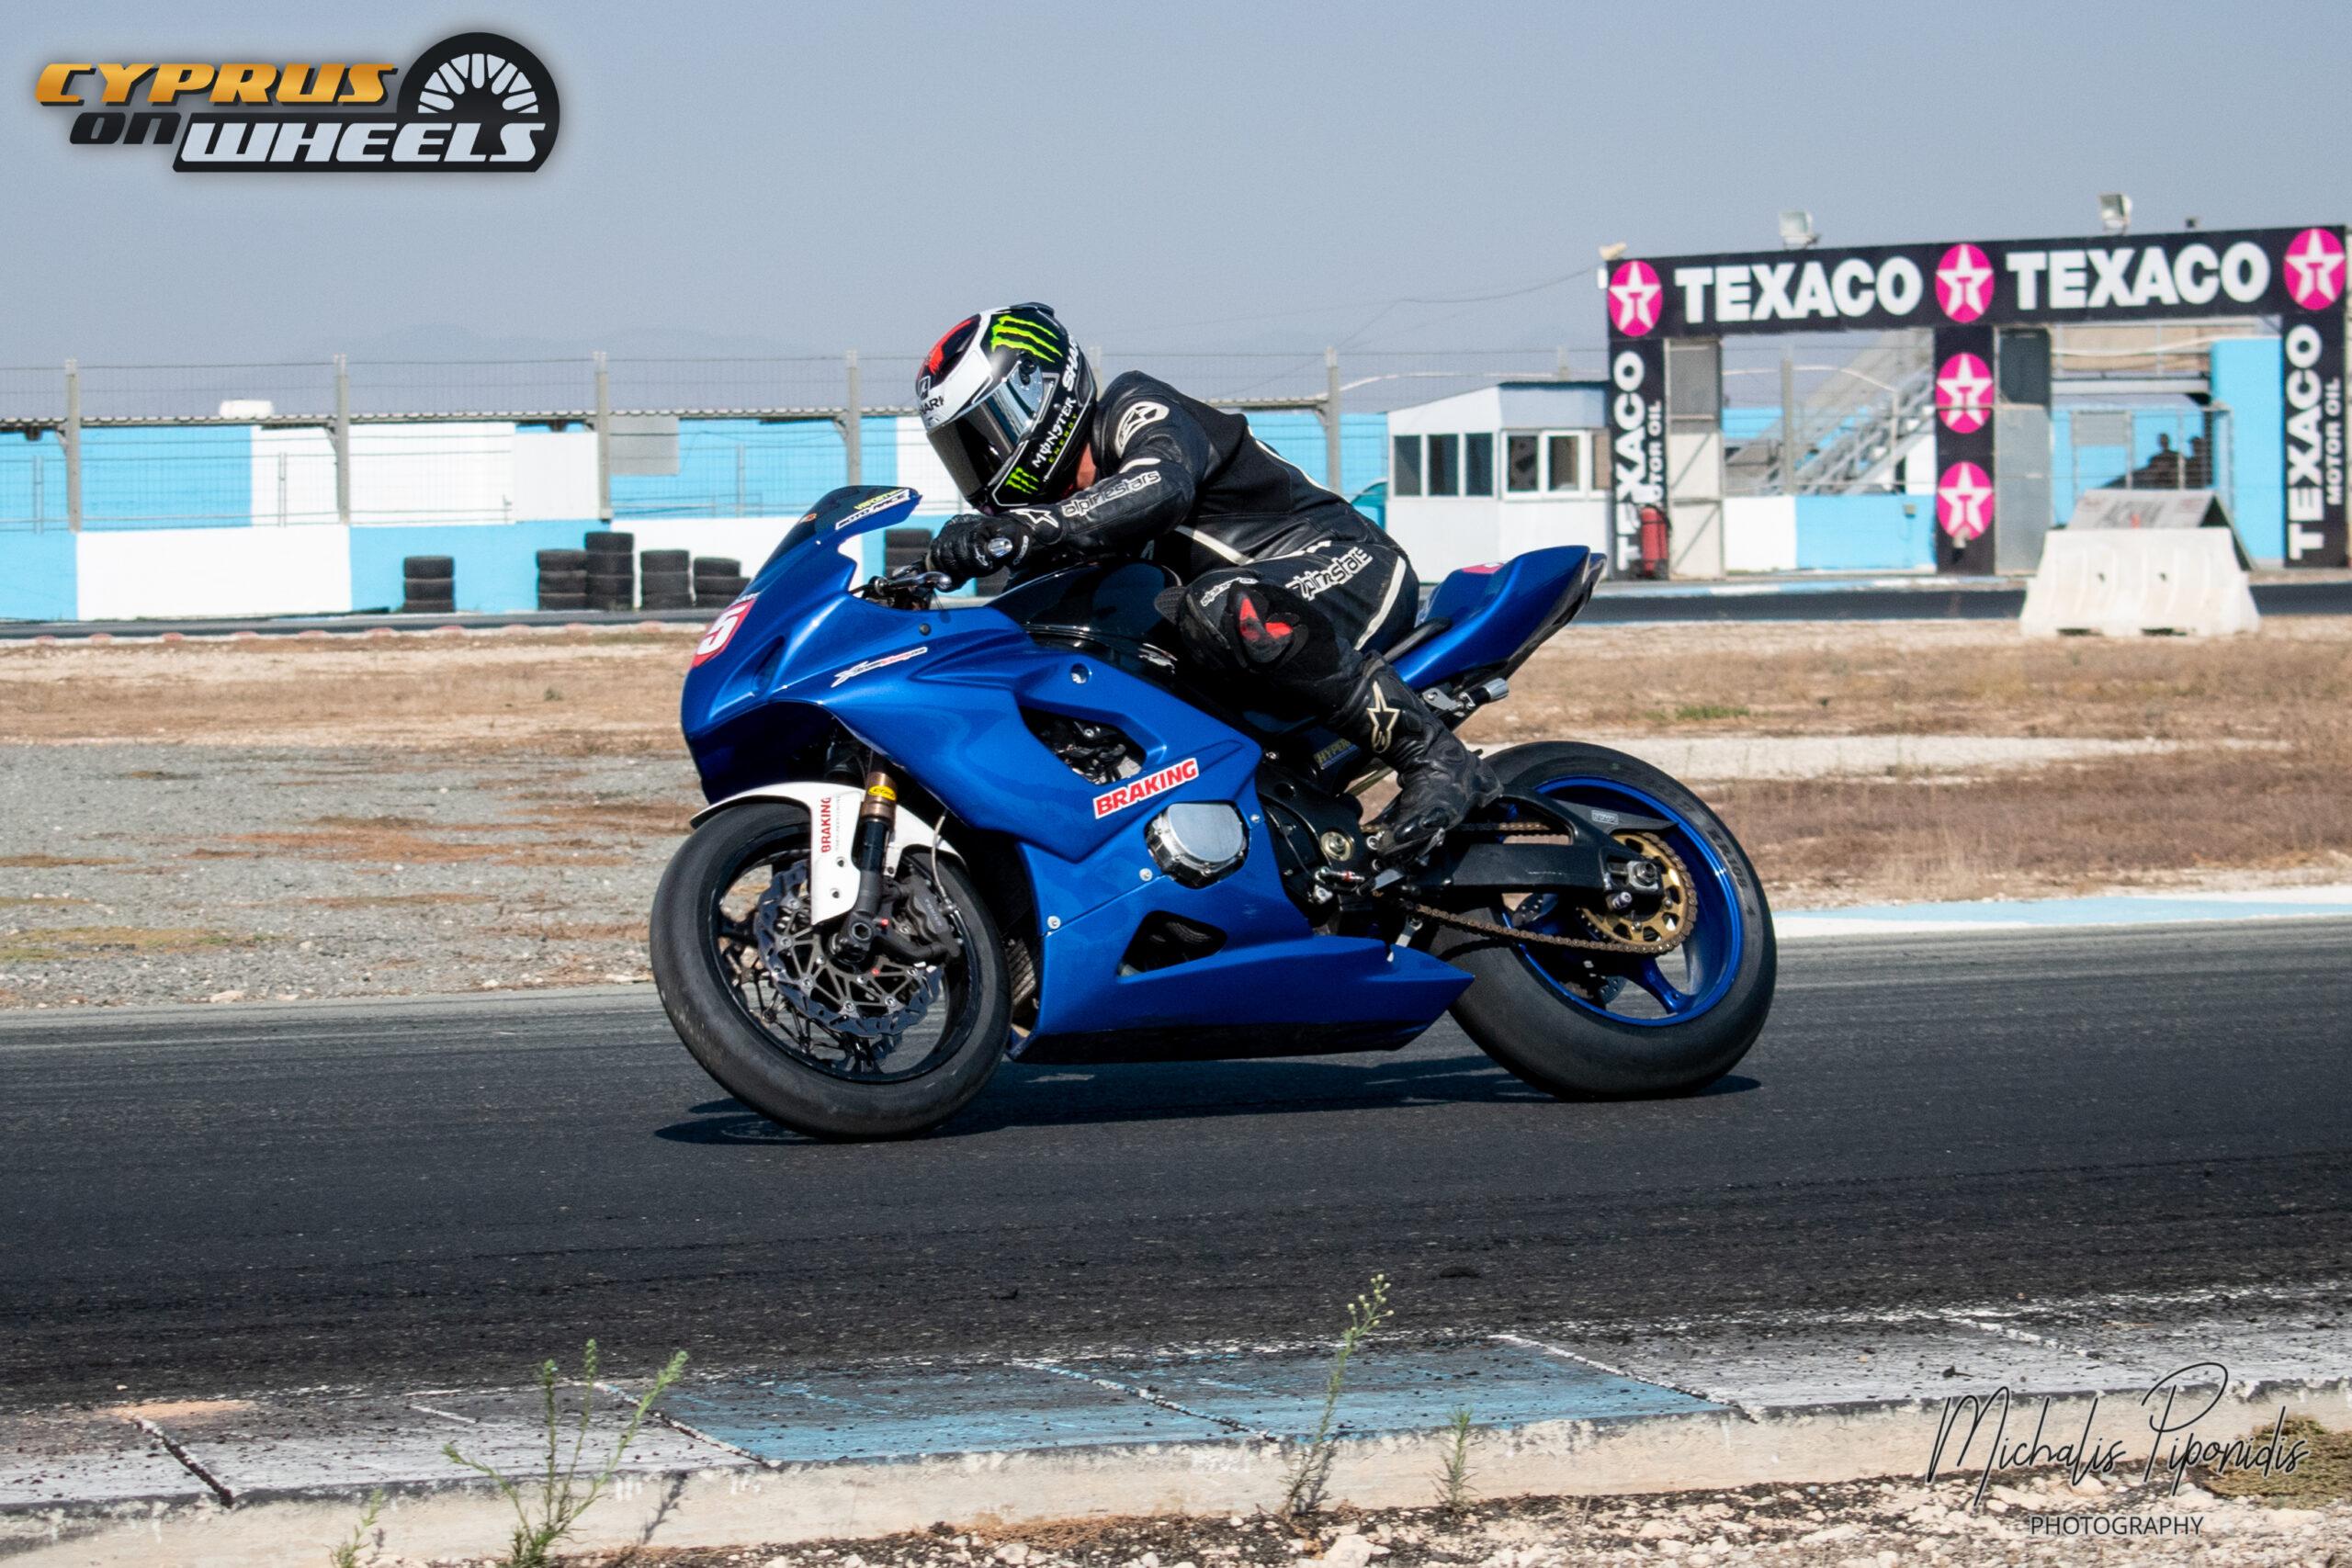 blue racing motorcycle